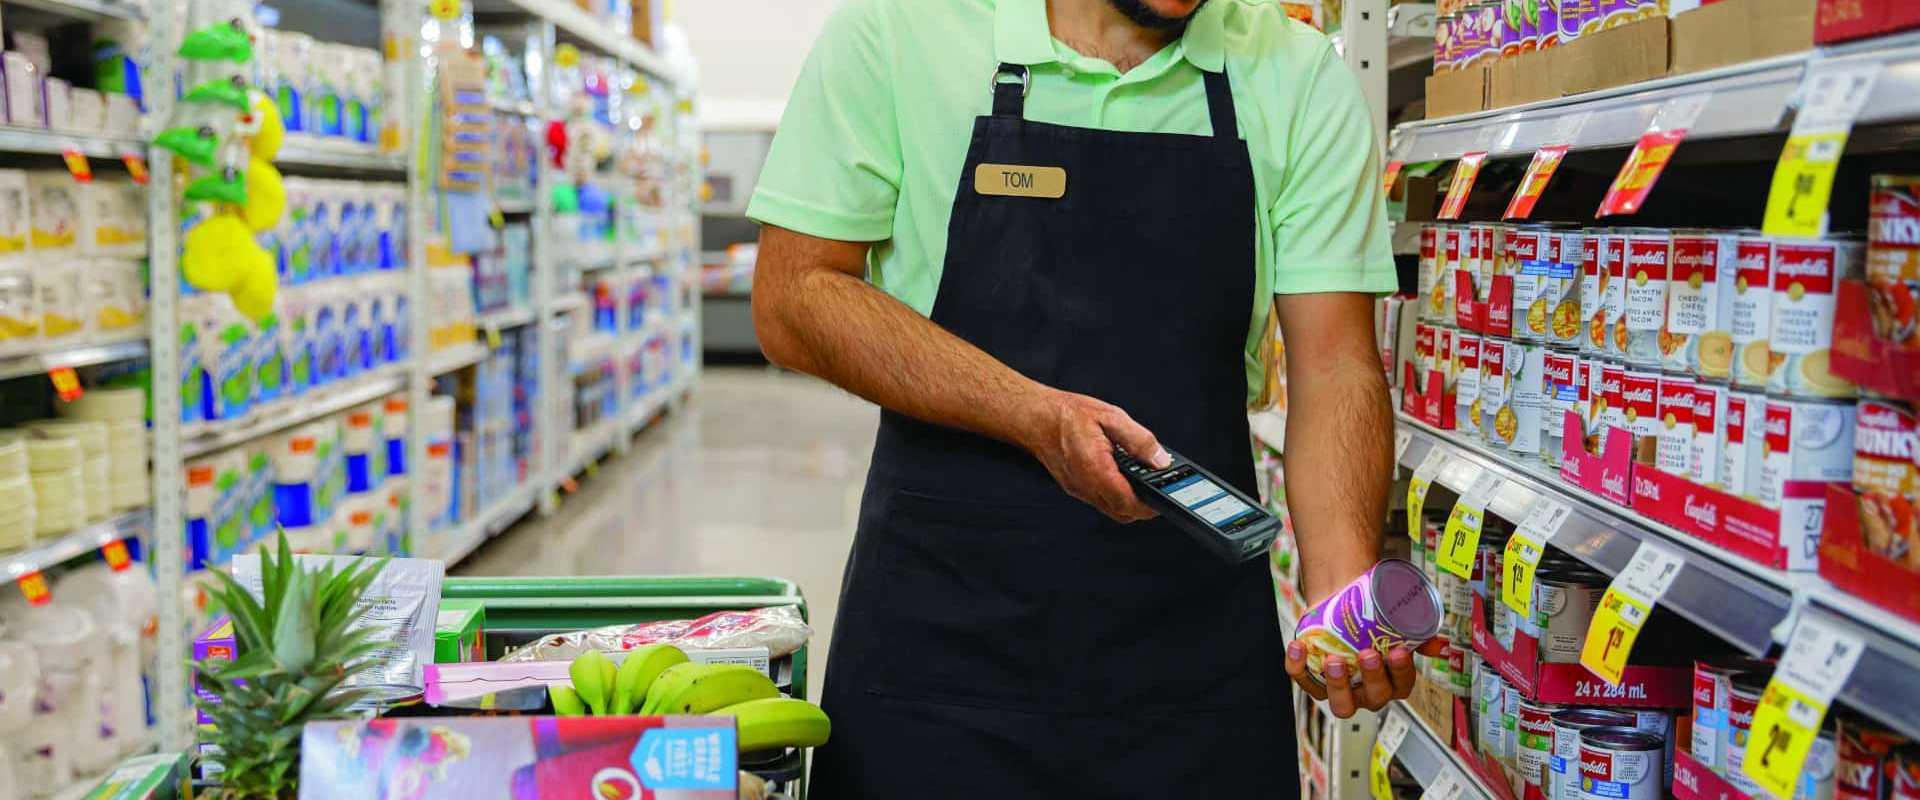 COSYS MDE Geräte und Lagerverwaltungssoftware für den Lebensmittelhandel